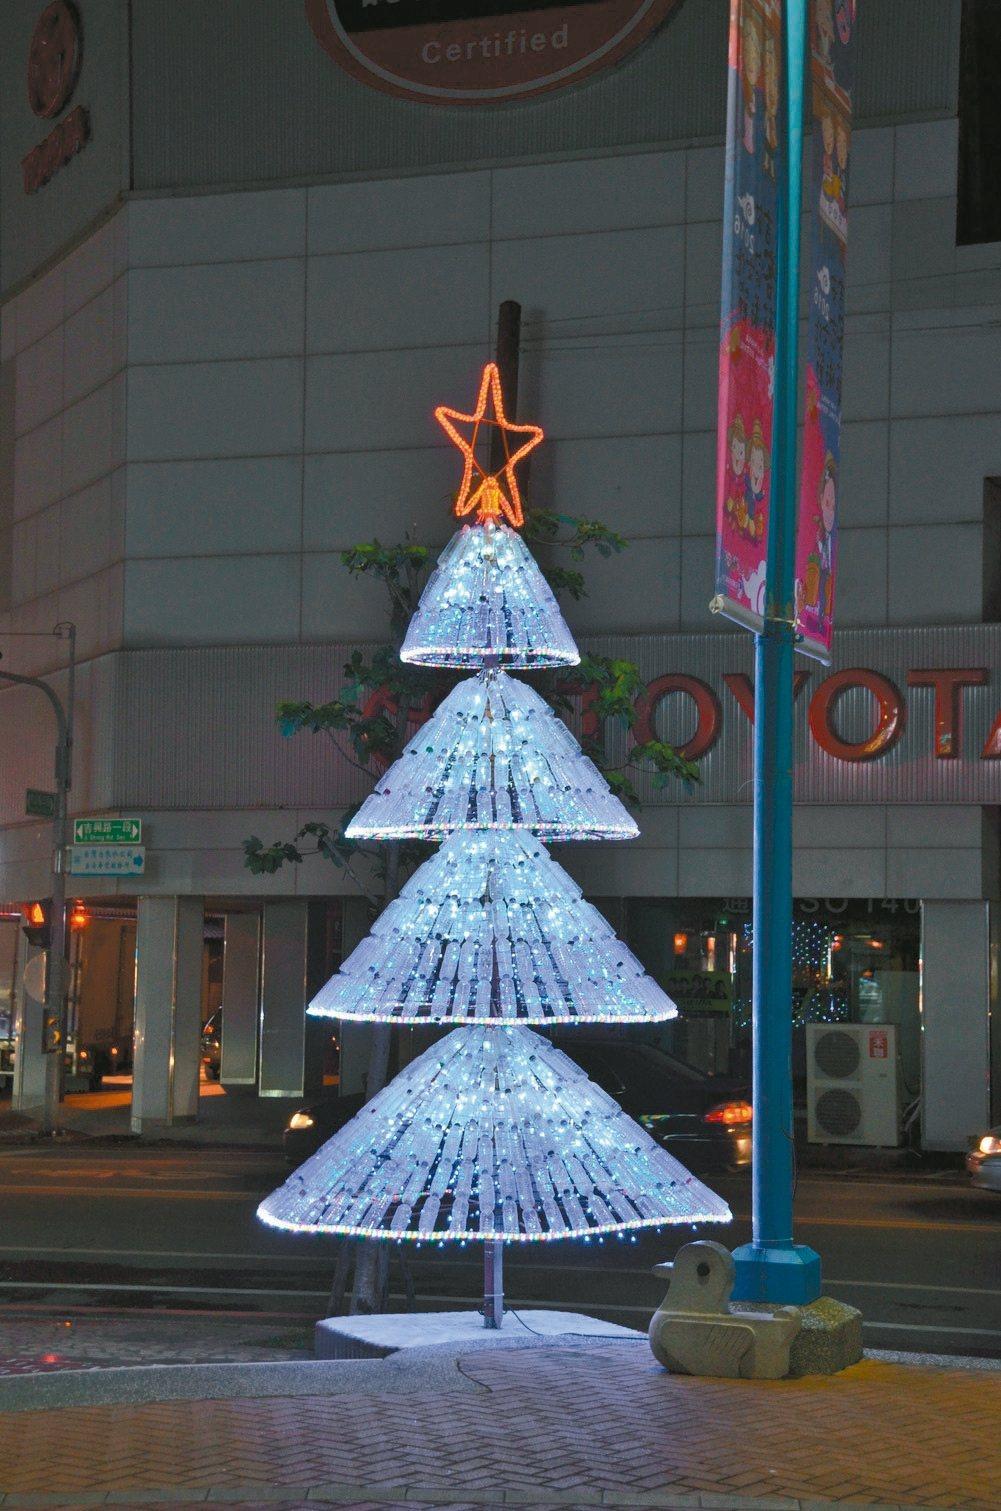 吉安鄉公所清潔隊用近千支回收寶特瓶,打造出3棵美麗多采的大型耶誕樹。 圖/吉安鄉...